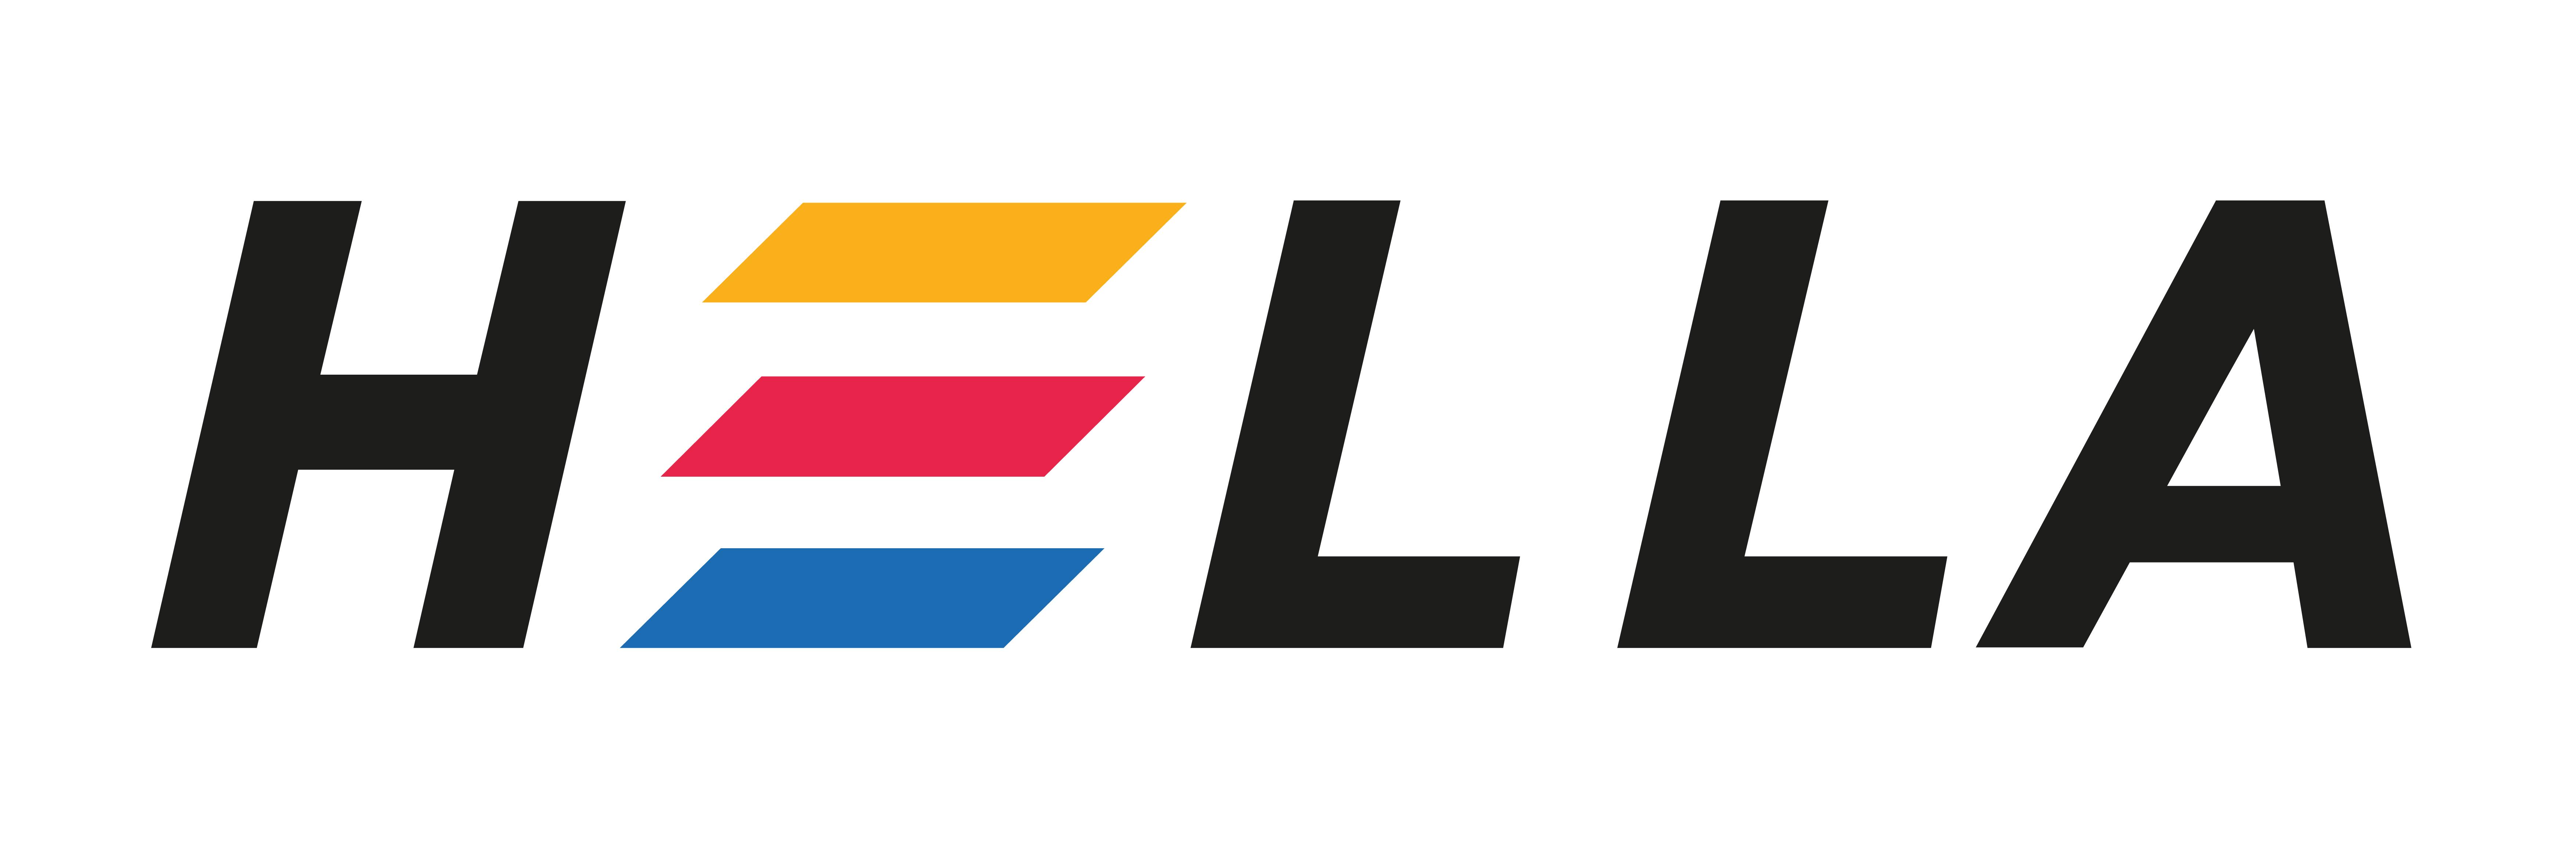 020_HELLA_Sonnen-und-Wetterschutztechnik_GmbH_logo